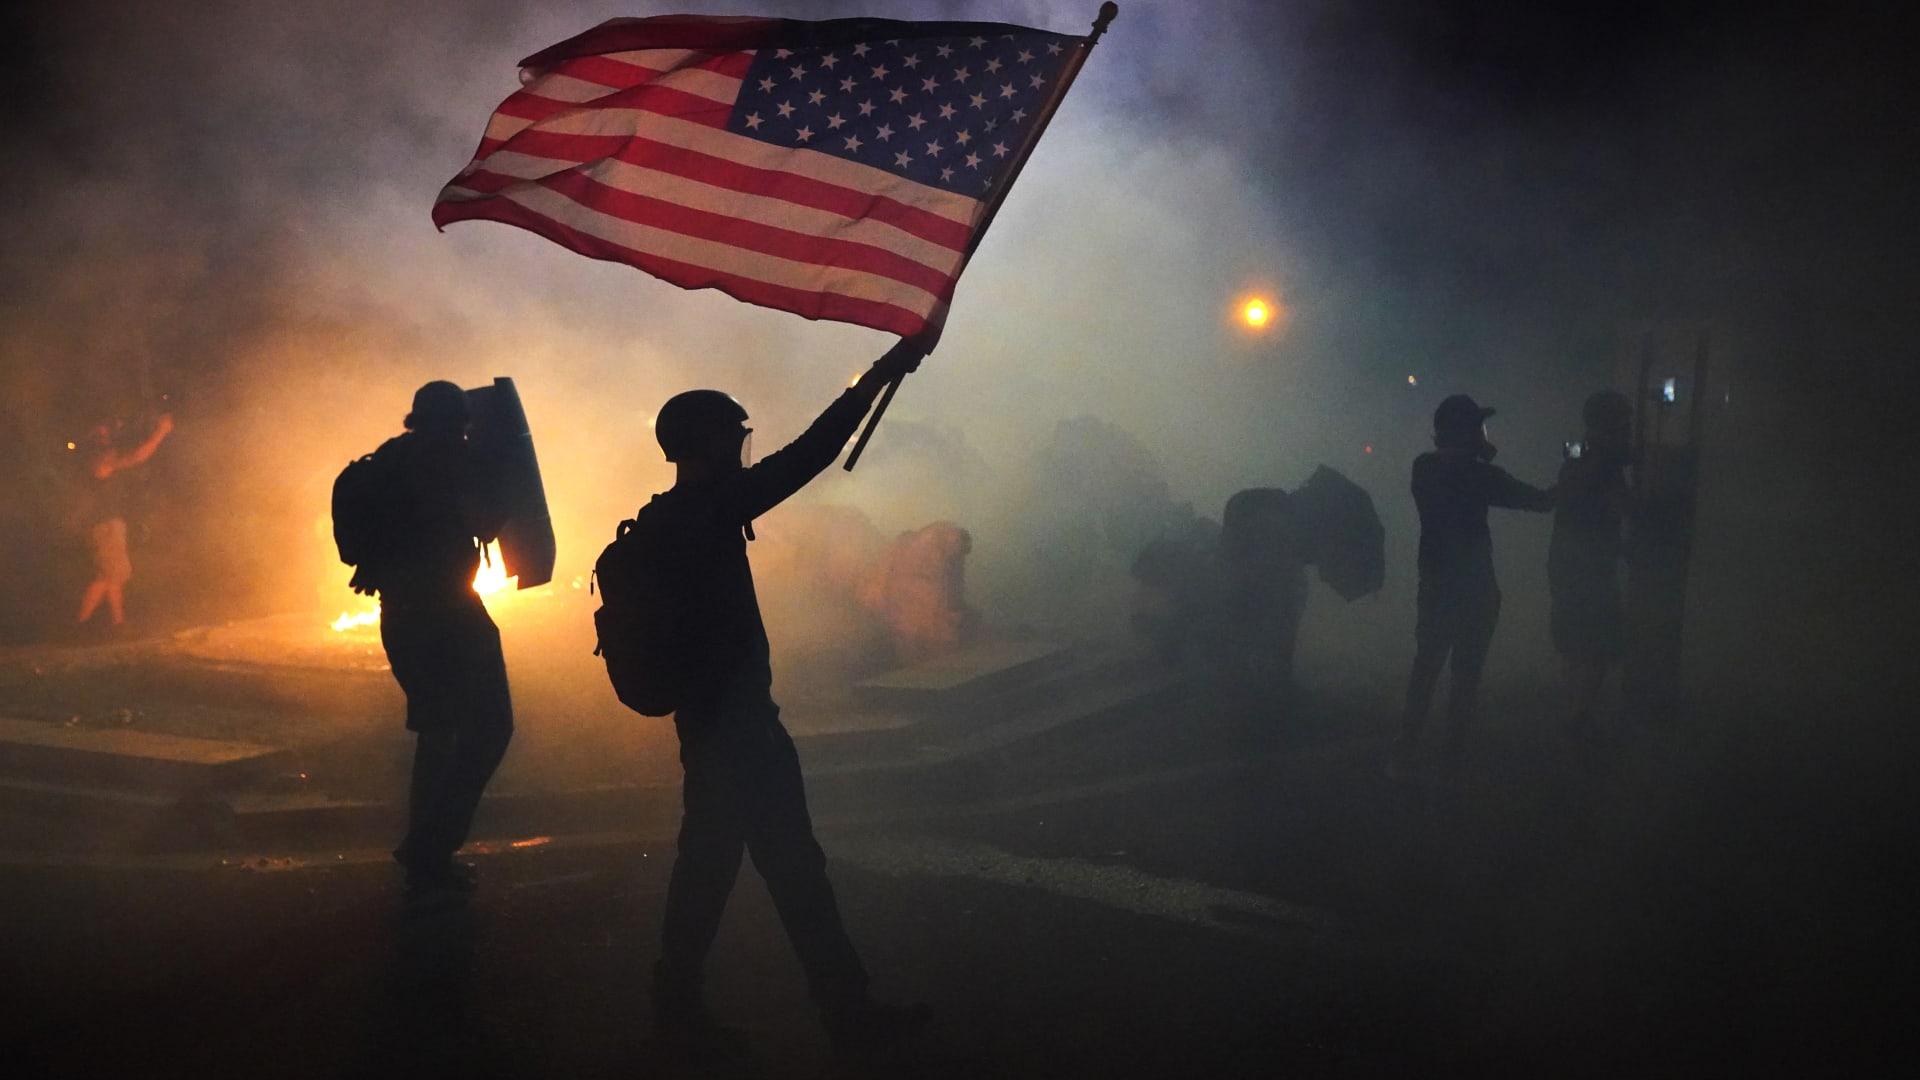 متظاهر يرفع العلم الأمريكي وسط الغاز المسيل للدموع